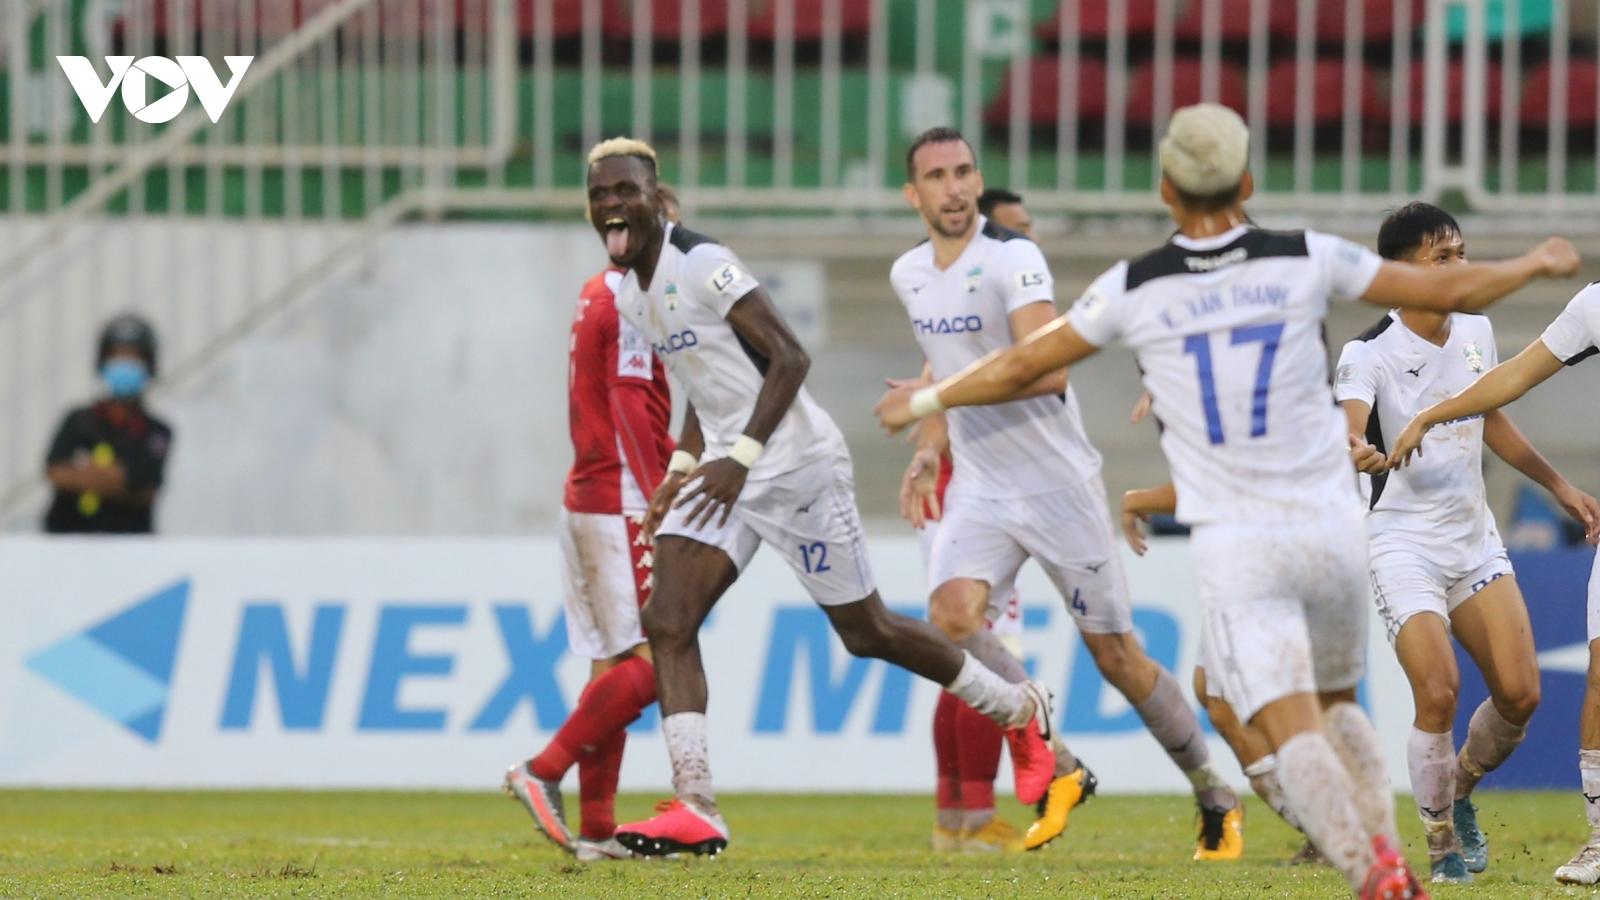 Trút cơn mưa bàn thắng vào lưới TPHCM, HAGL góp mặt trong top 8 V-League